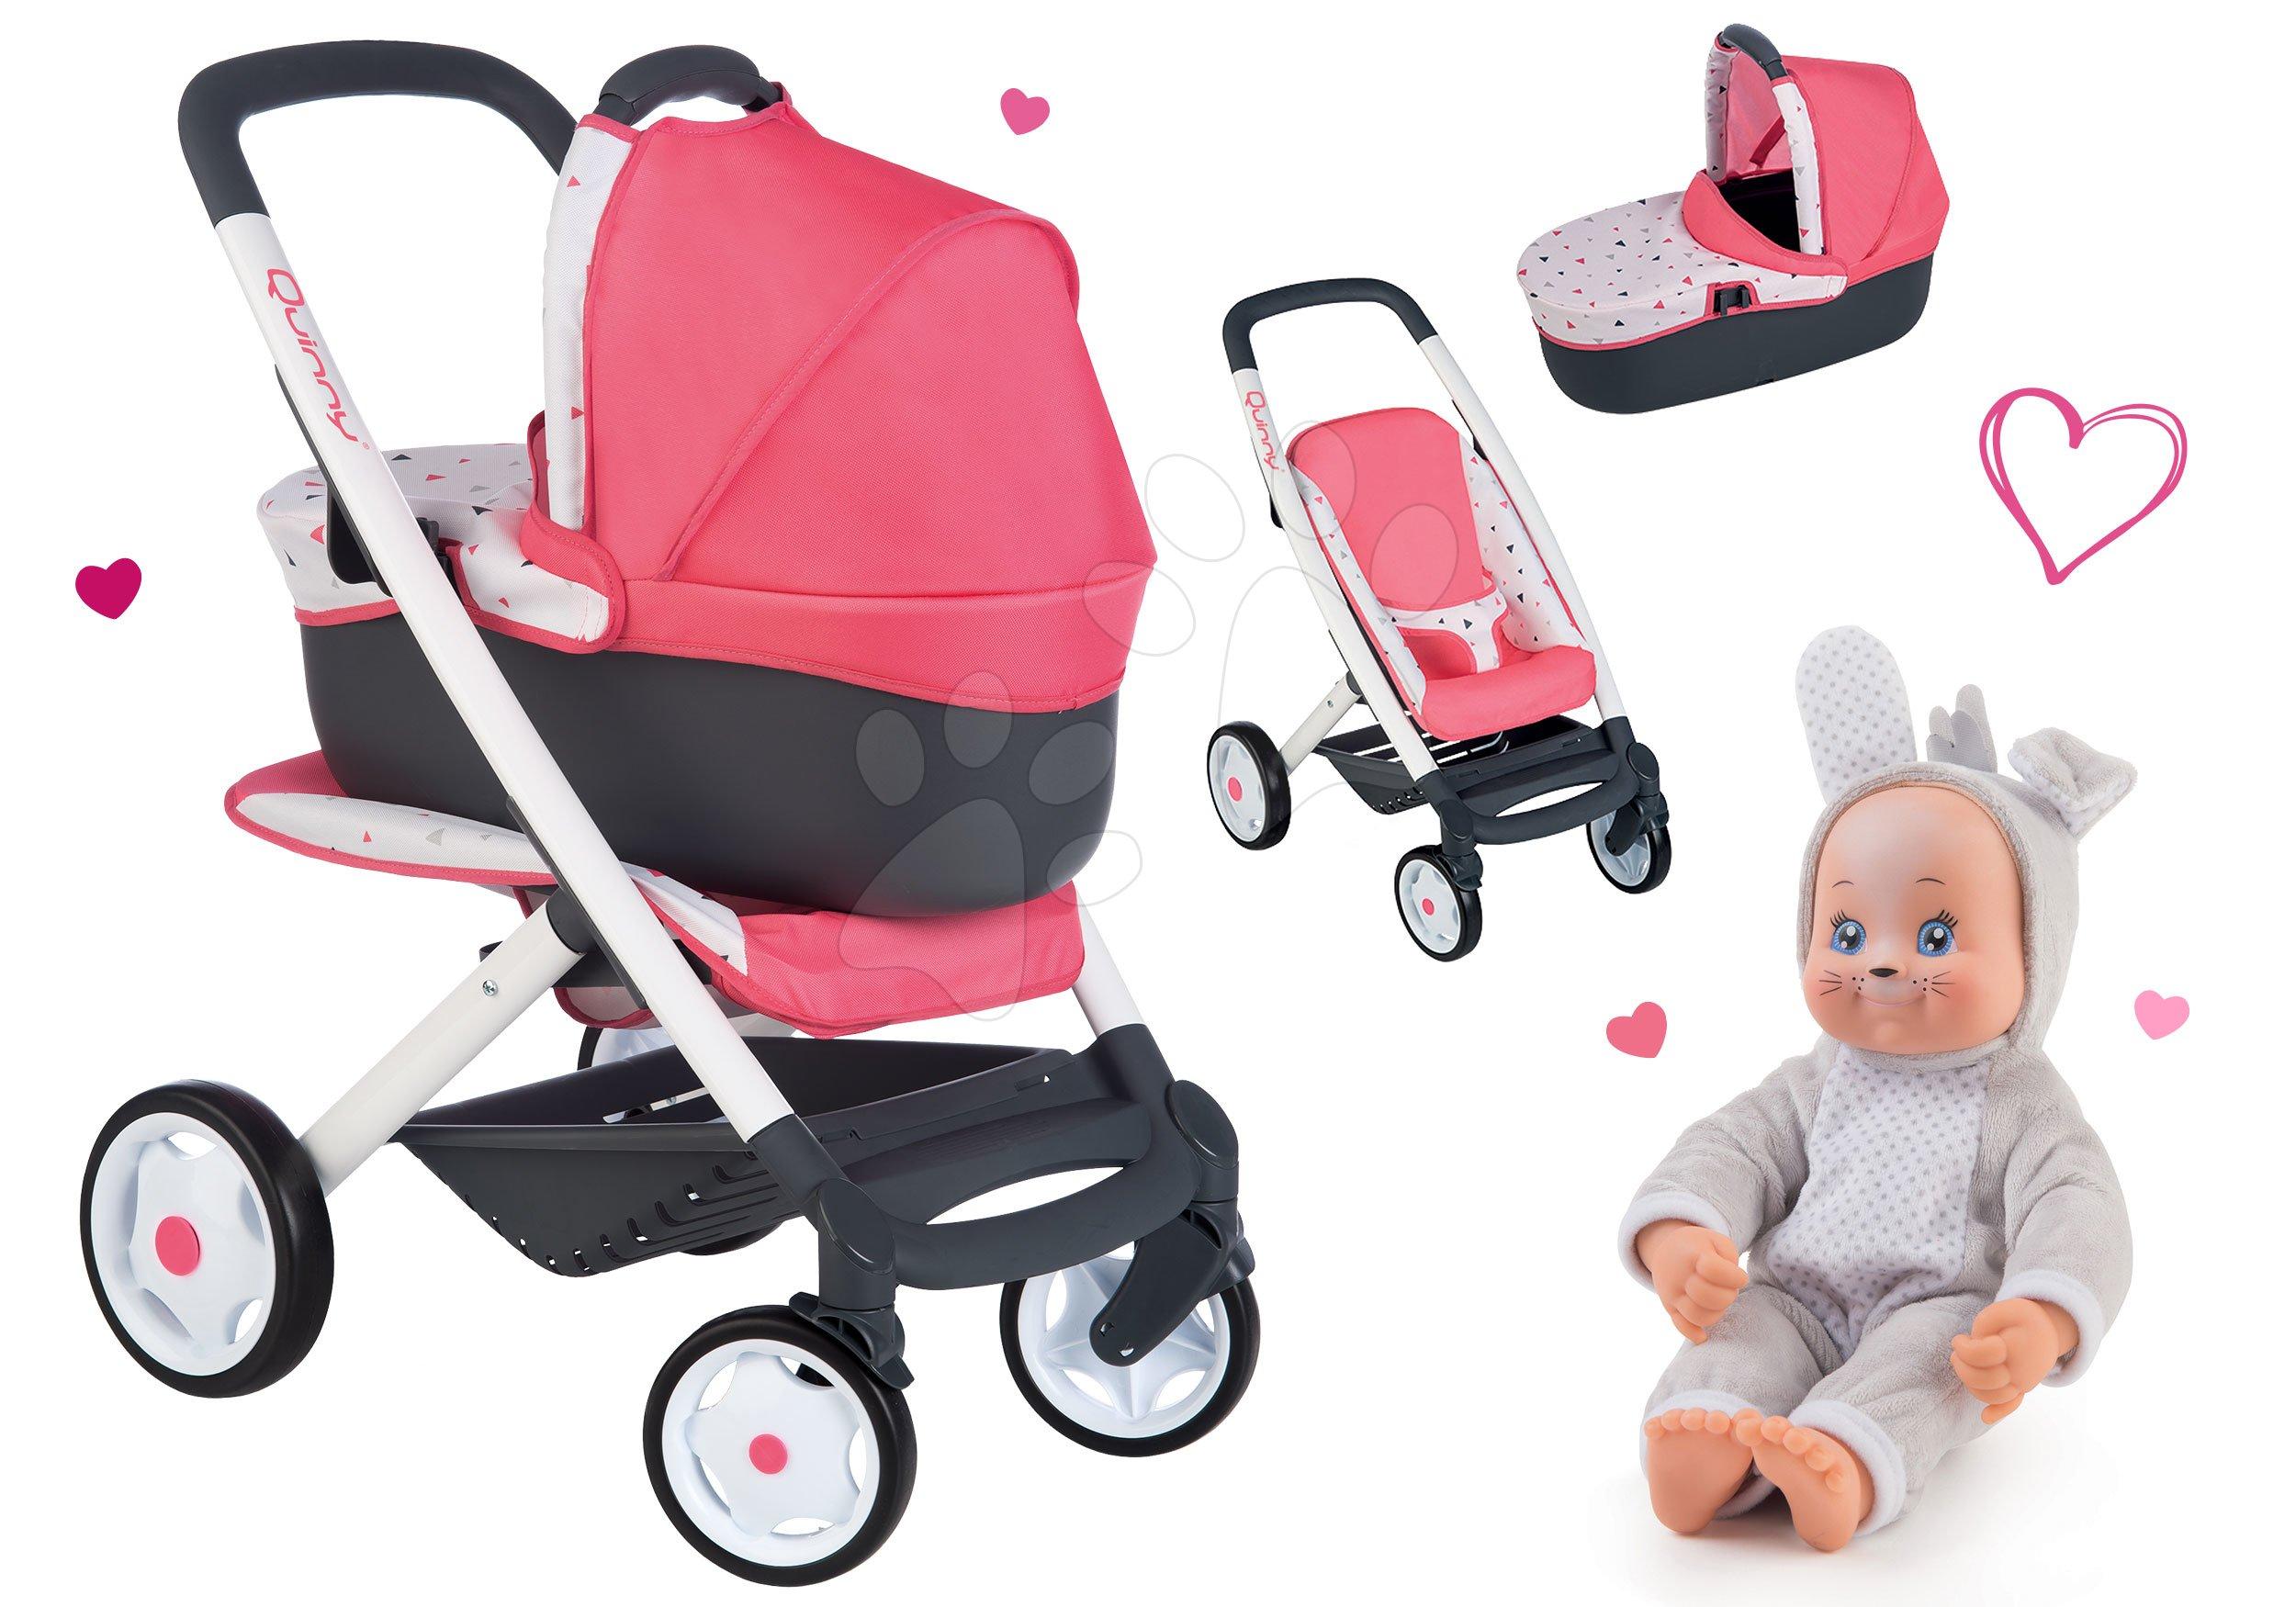 Set cărucior adânc Trio Pastel Maxi Cosi&Quinny 3în1 Smoby și păpușă de jucărie în costum de iepuras Animal Doll MiniKiss 27 cm cu sunet